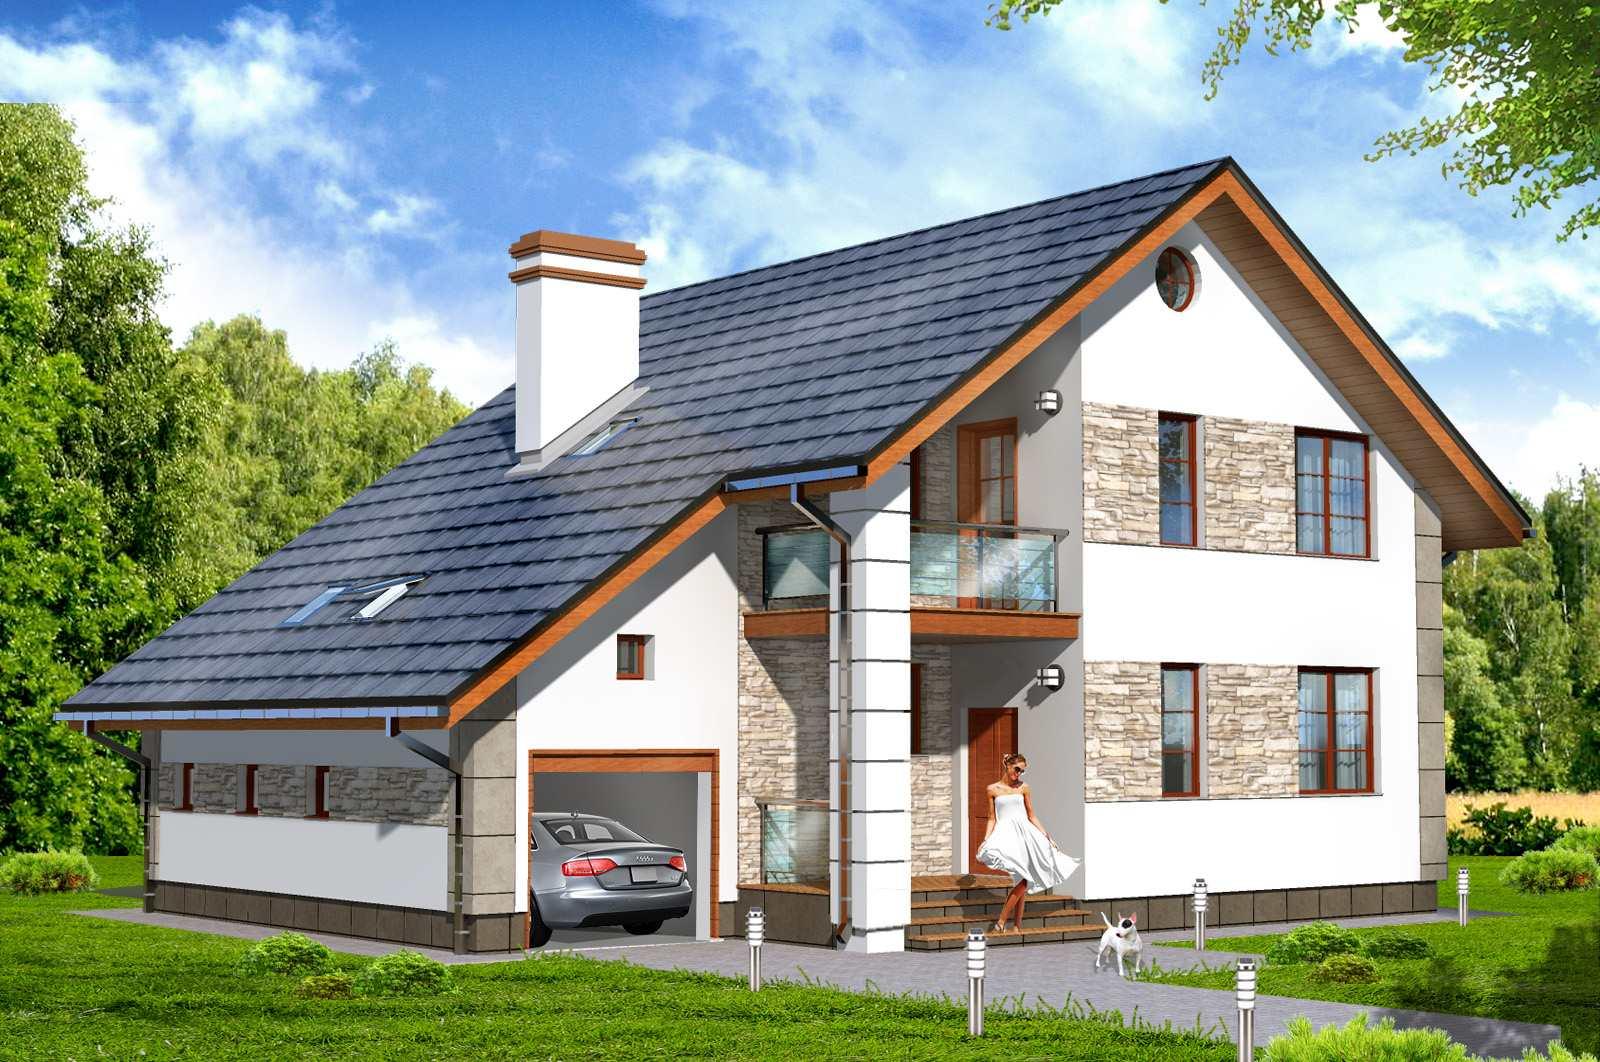 Картинки по запросу Проекты домов и коттеджей от профессионалов